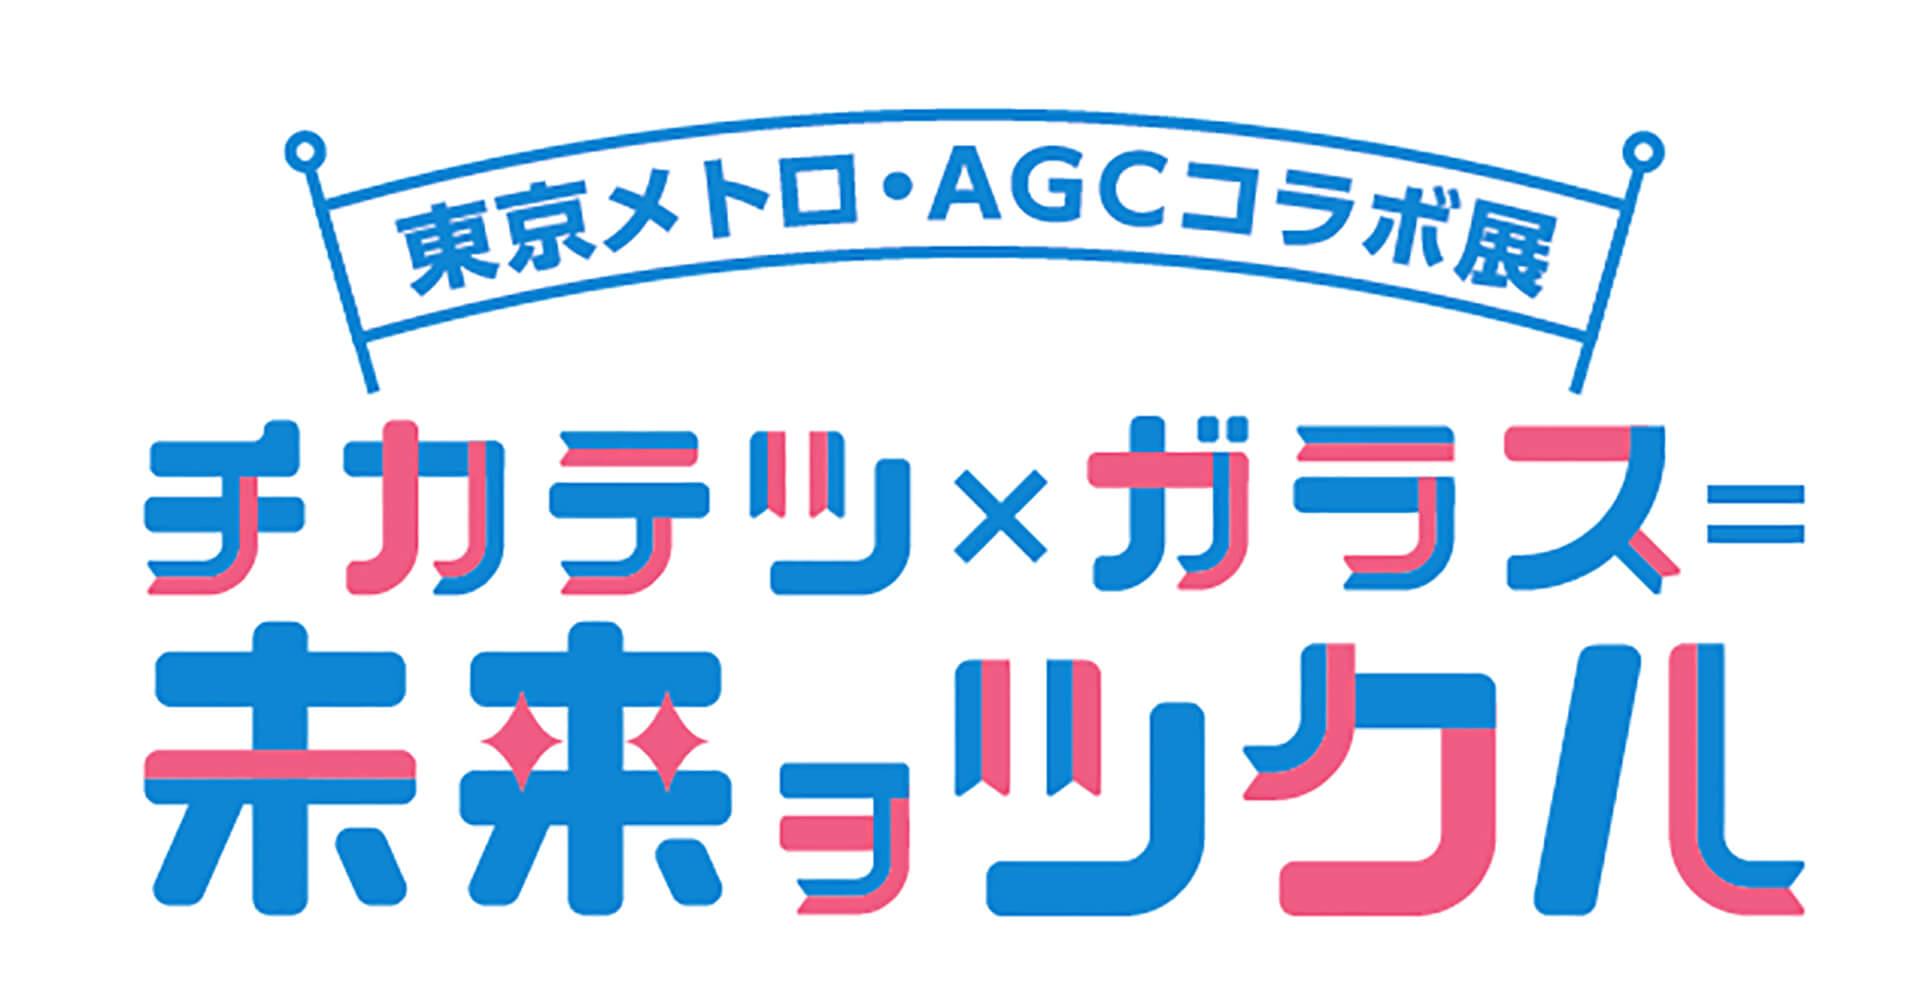 東京メトロ・AGCコラボ展 チカテツ×ガラス=未来ヲツクル